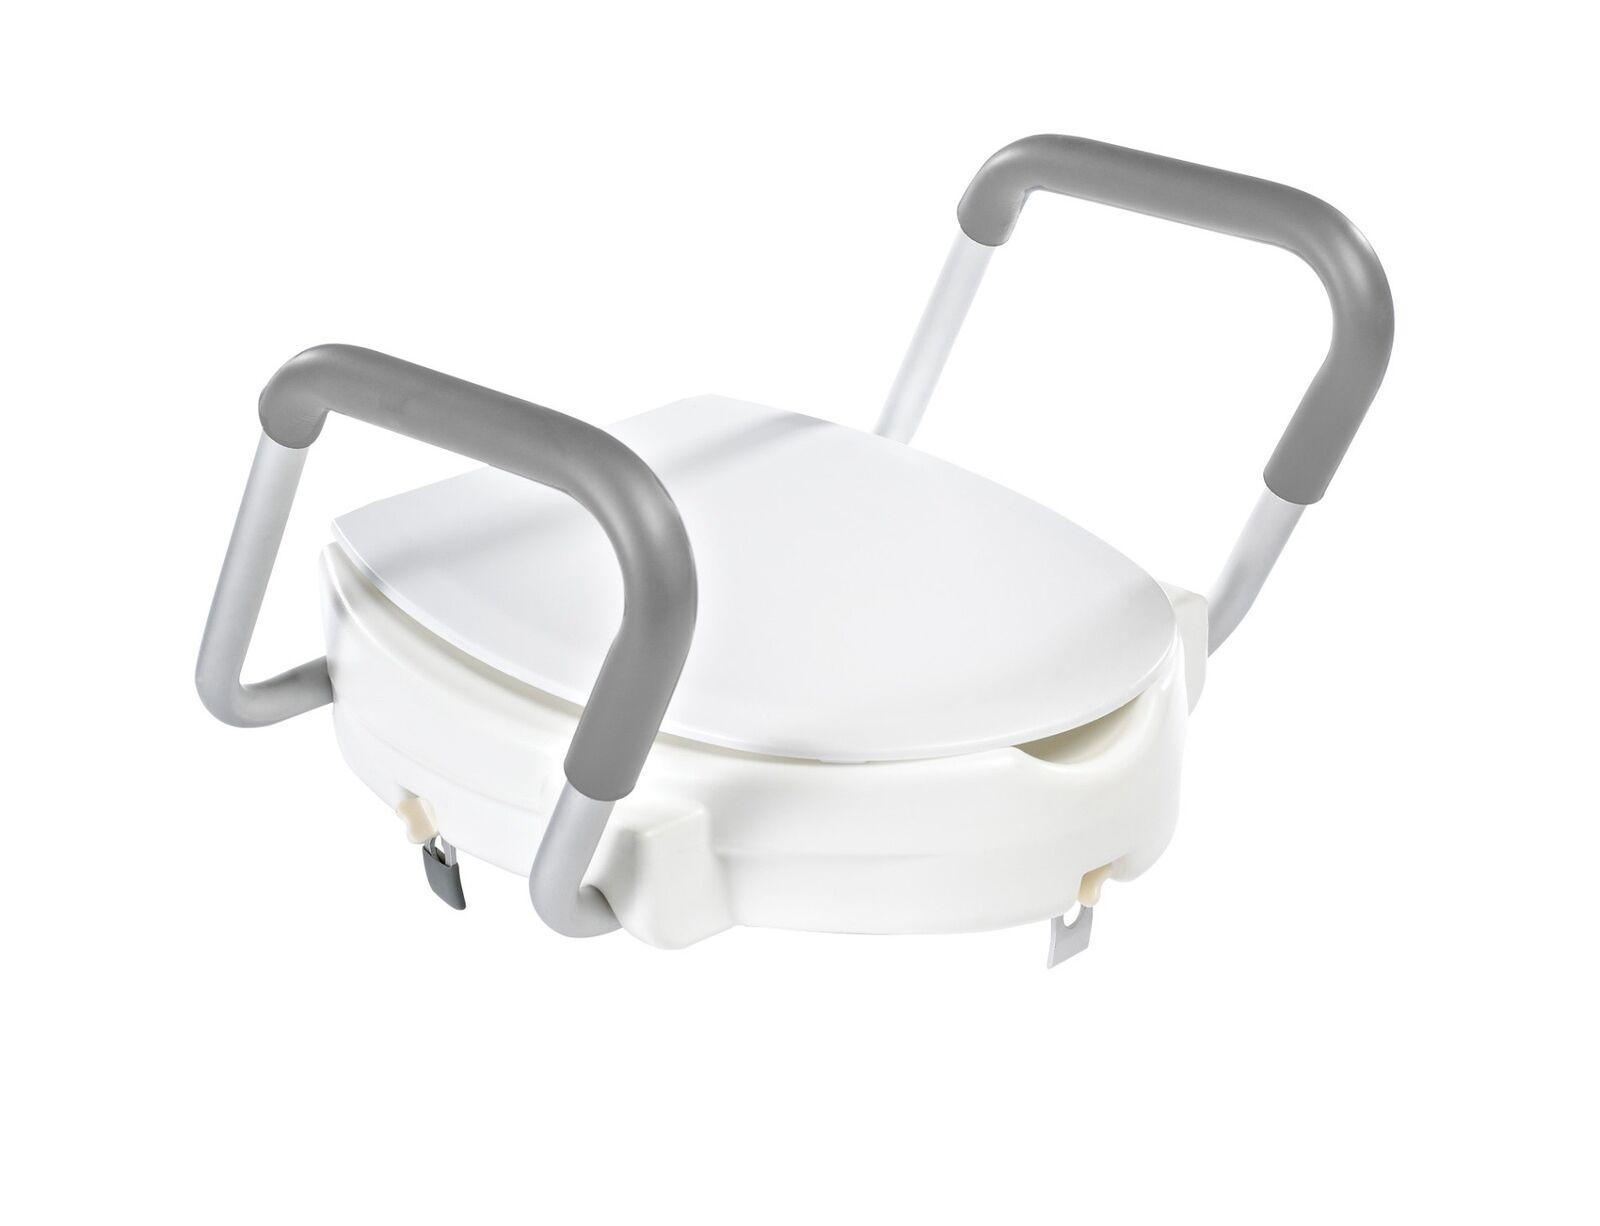 WC Sitz Erhöhung Toilettensitzerhöher Sitzerhöhung Griffe Deckel weiß 150 kg LGA